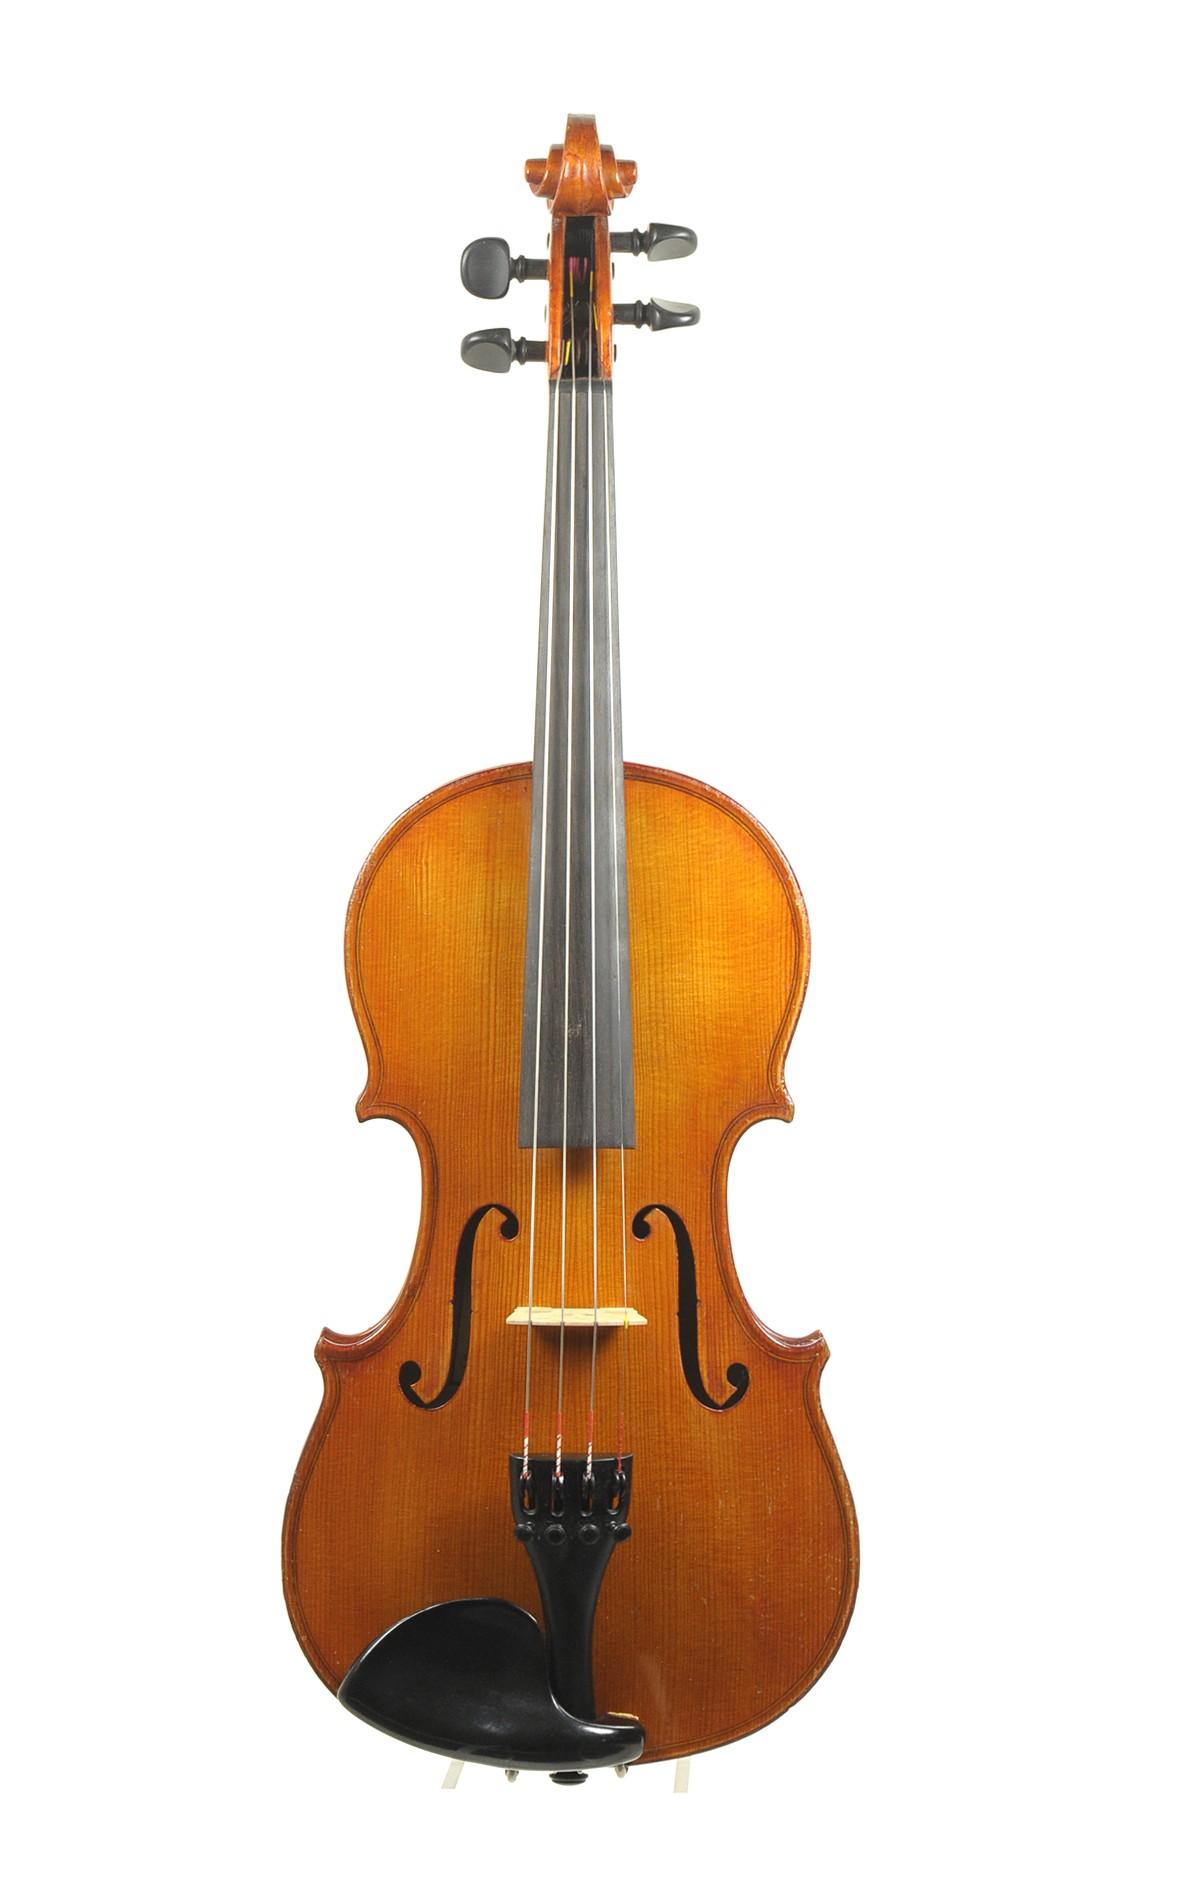 German 3/4 violin, Hermann Keim, 1991 - top